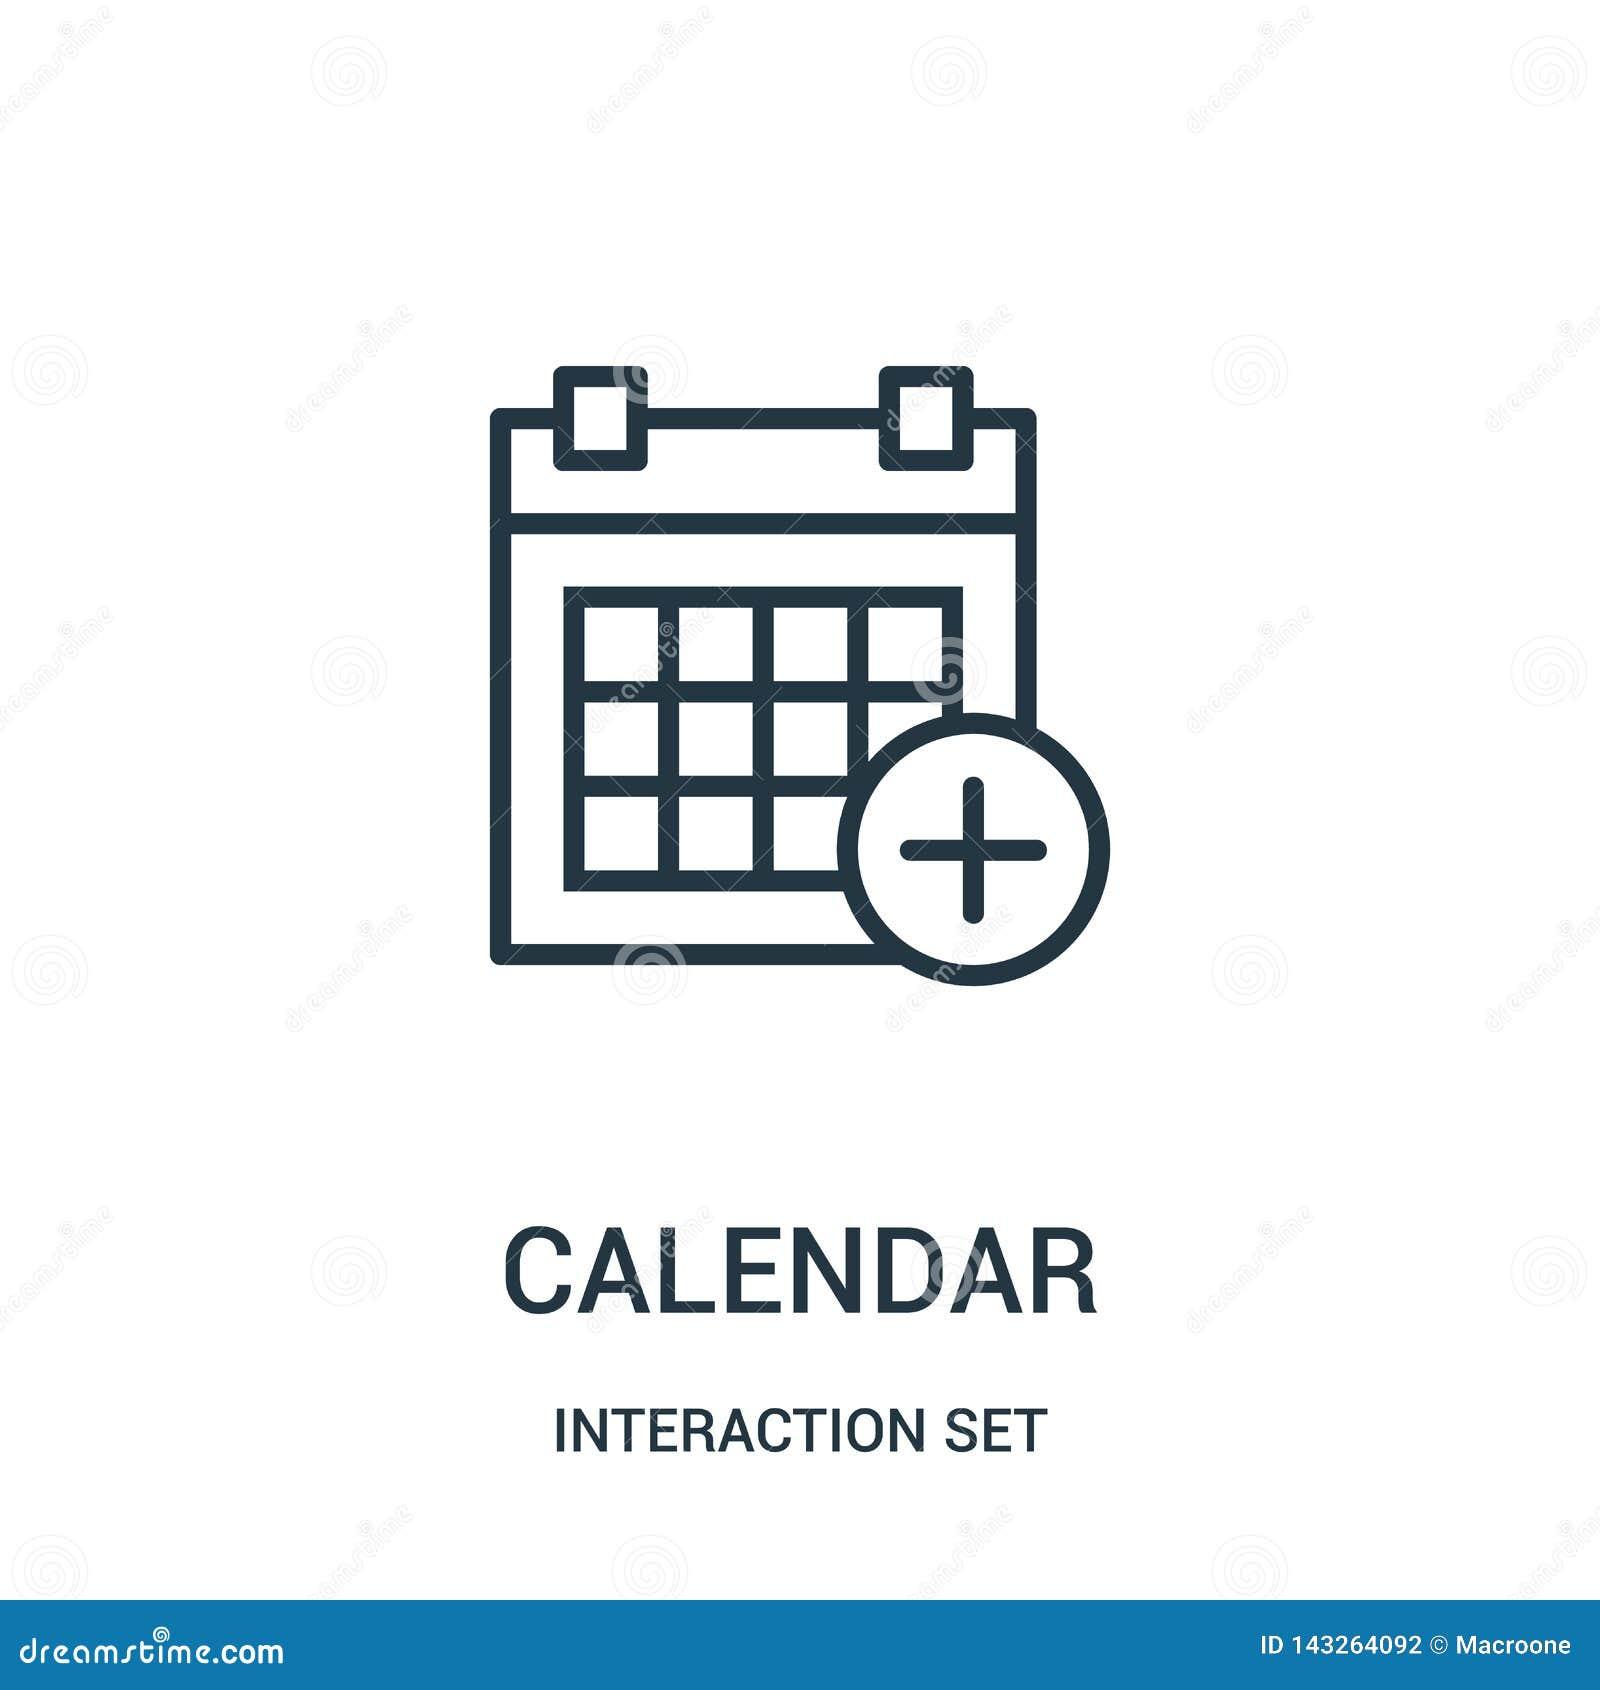 вектор значка календаря от собрания набора взаимодействия Тонкая линия иллюстрация вектора значка плана календаря